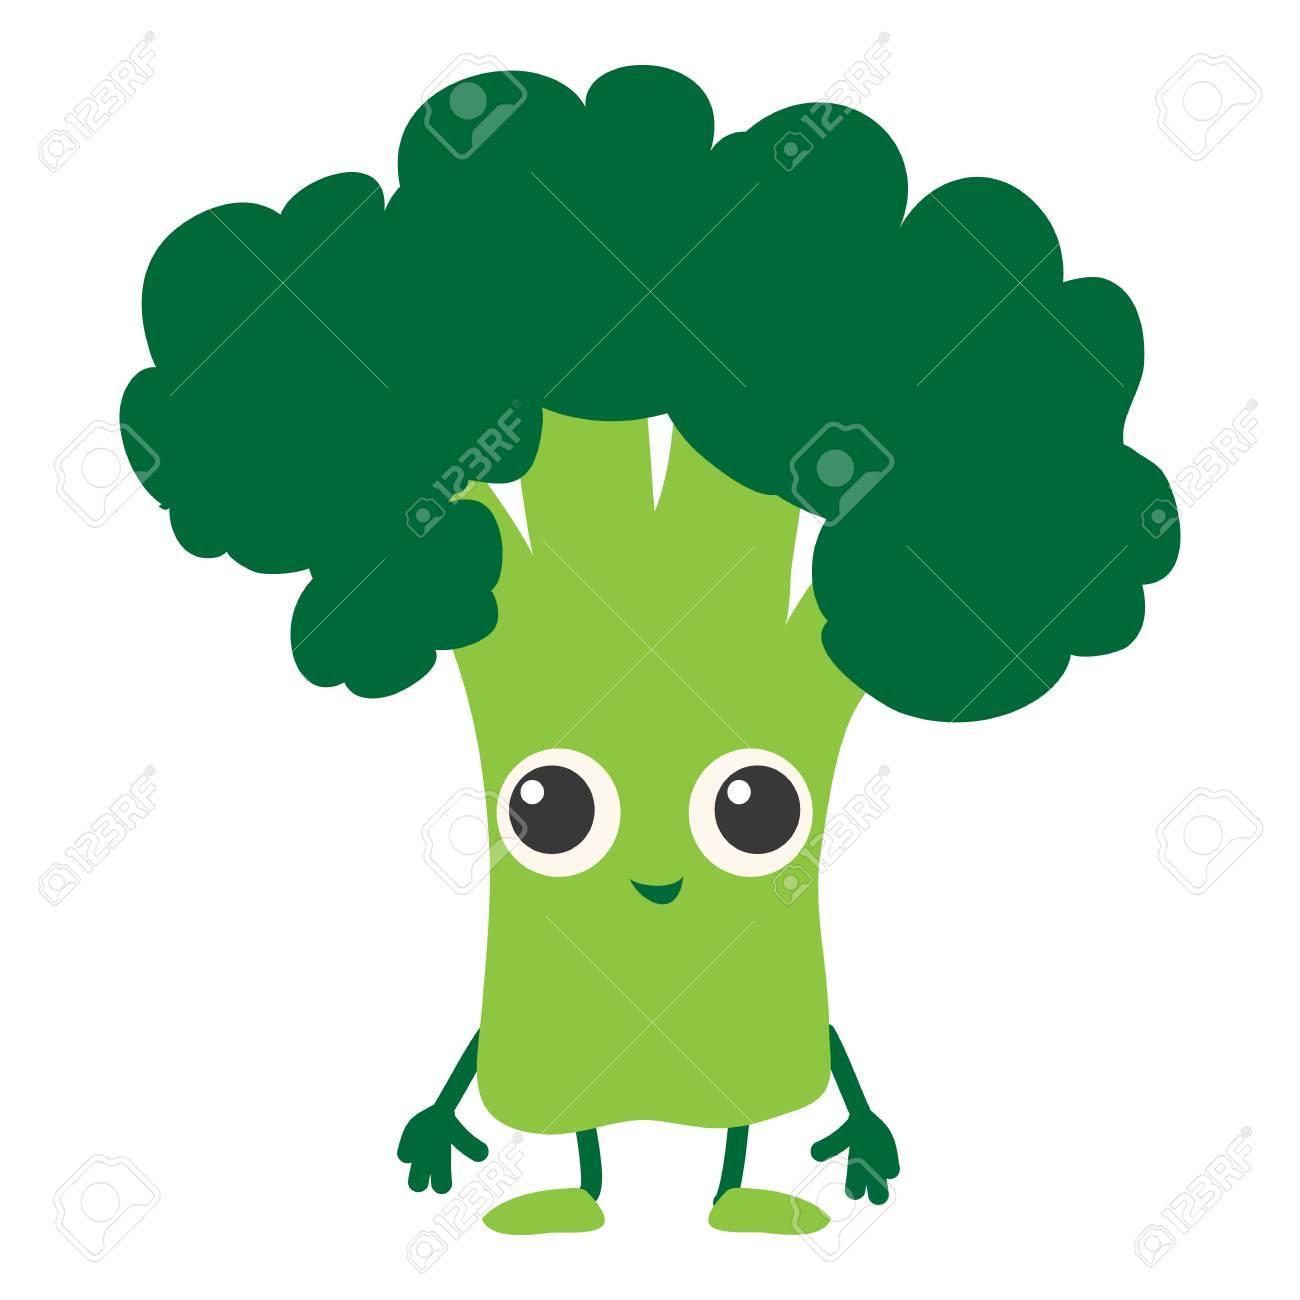 broccoli icon cartoon illustration of broccoli vector icon for royalty free cliparts vectors and stock illustration image 87537610 broccoli icon cartoon illustration of broccoli vector icon for